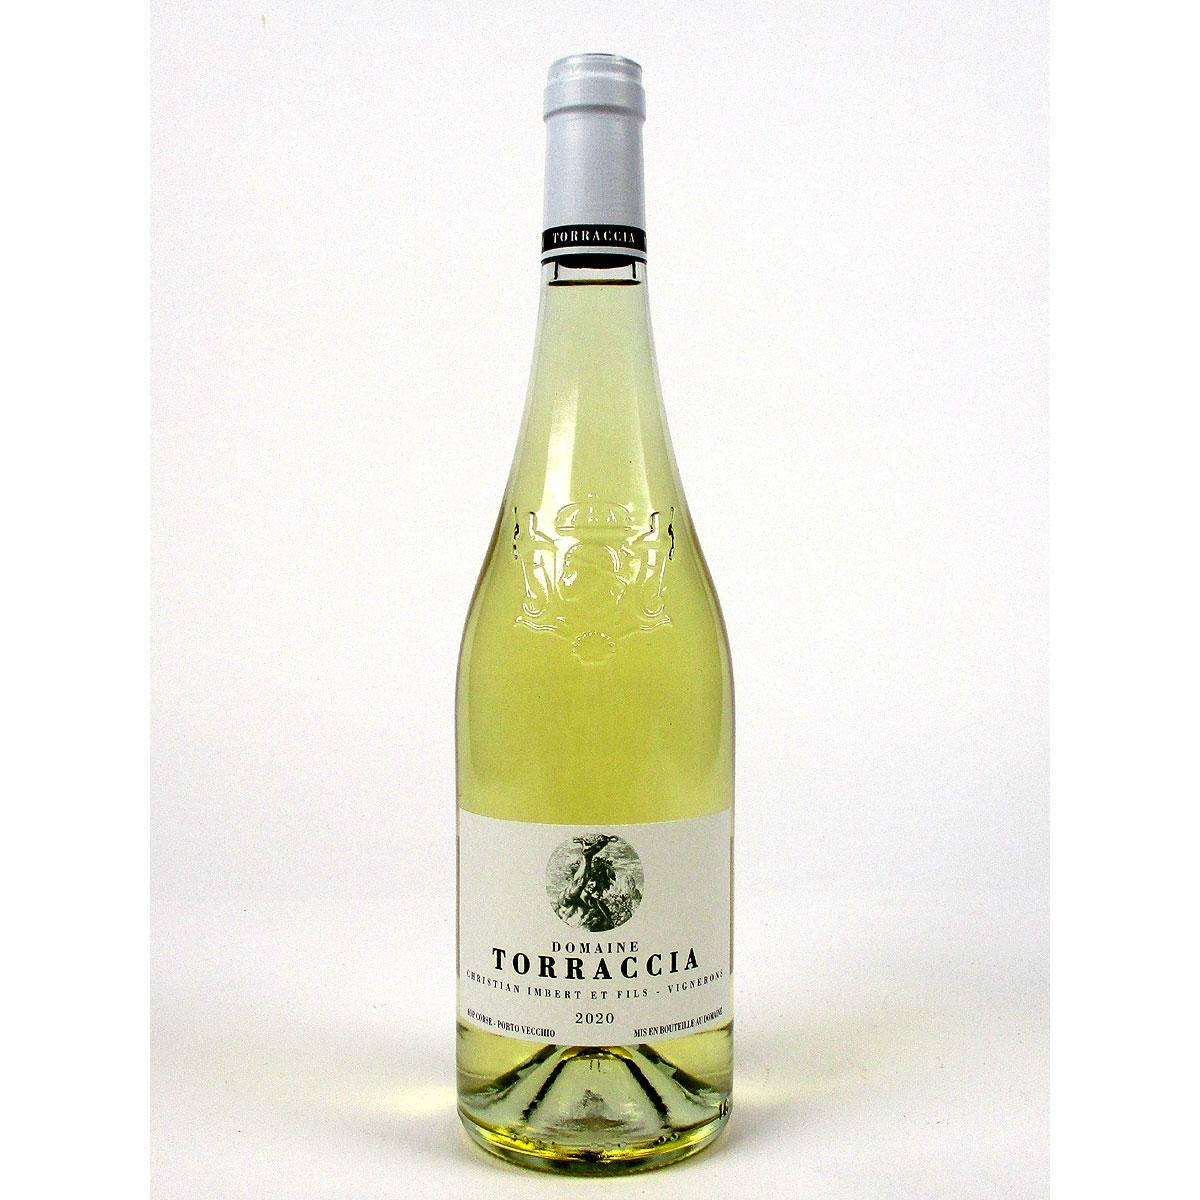 Vin de Corse Porto Vecchio: Domaine de Torraccia Blanc 2020 - Bottle